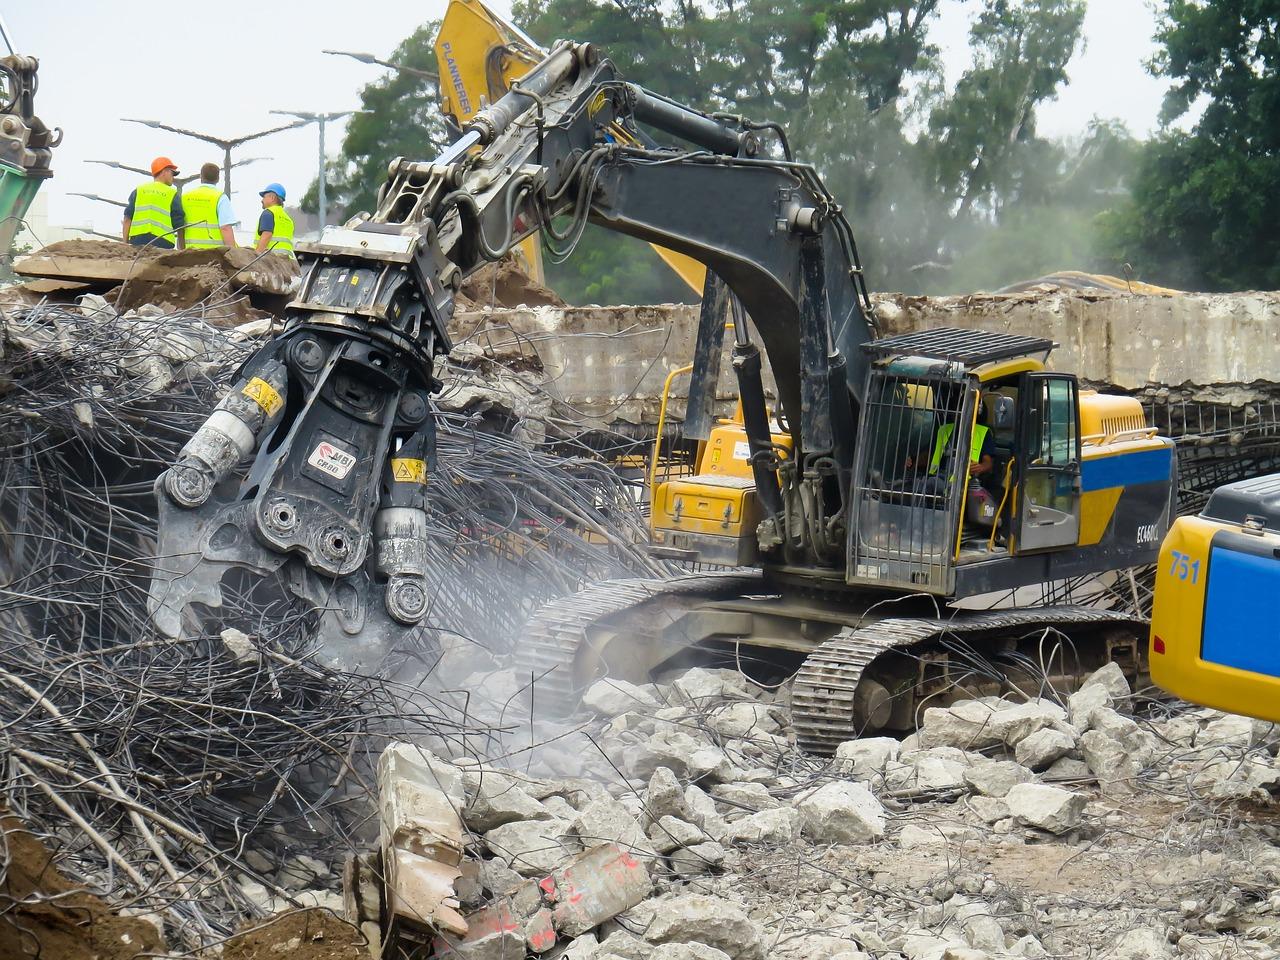 crash, demolition, destroyed